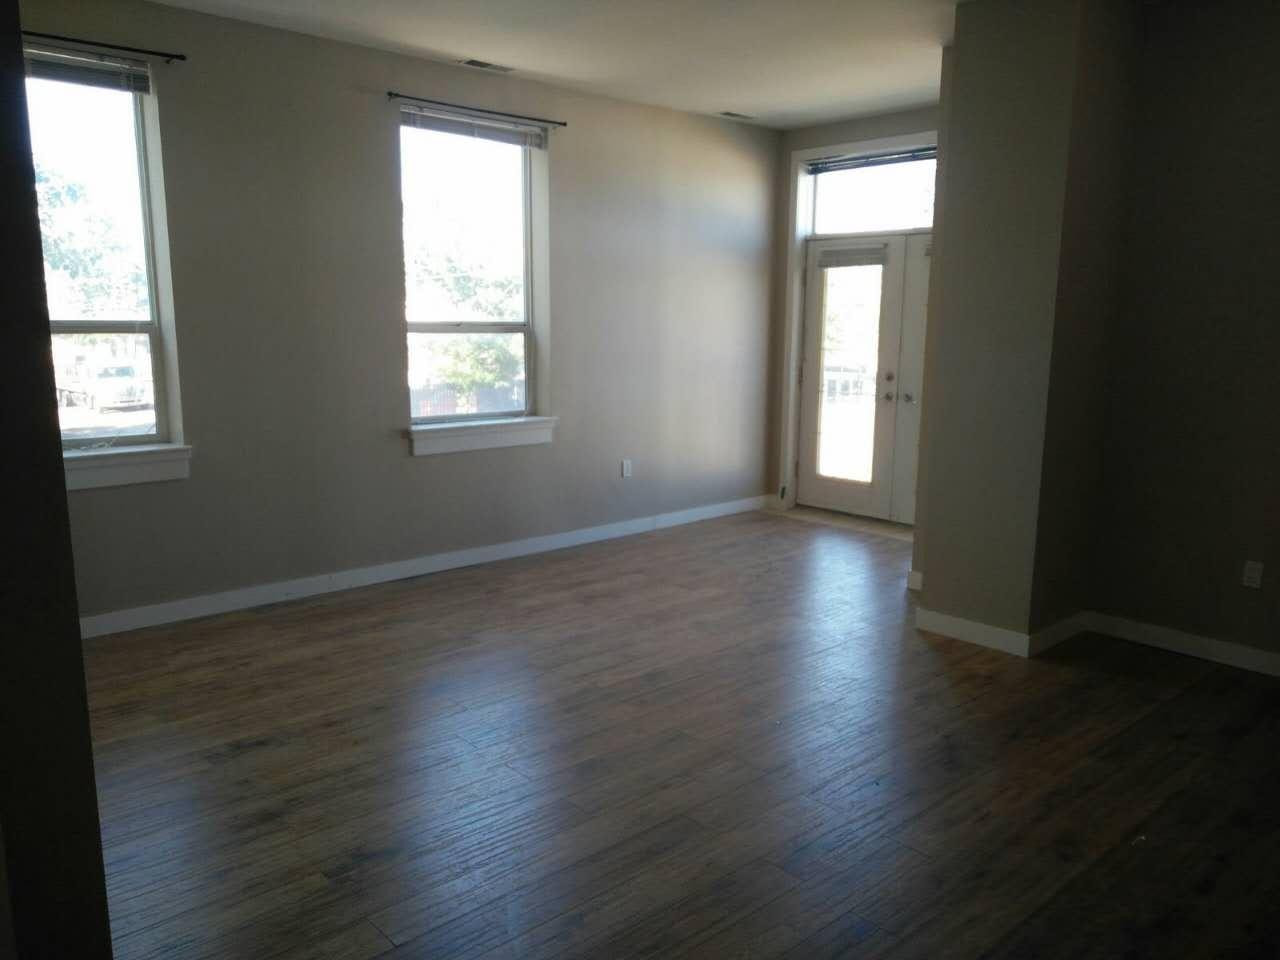 Spacious 1 bdrm plus den Apartment on 2nd floor 17 AVE SE!